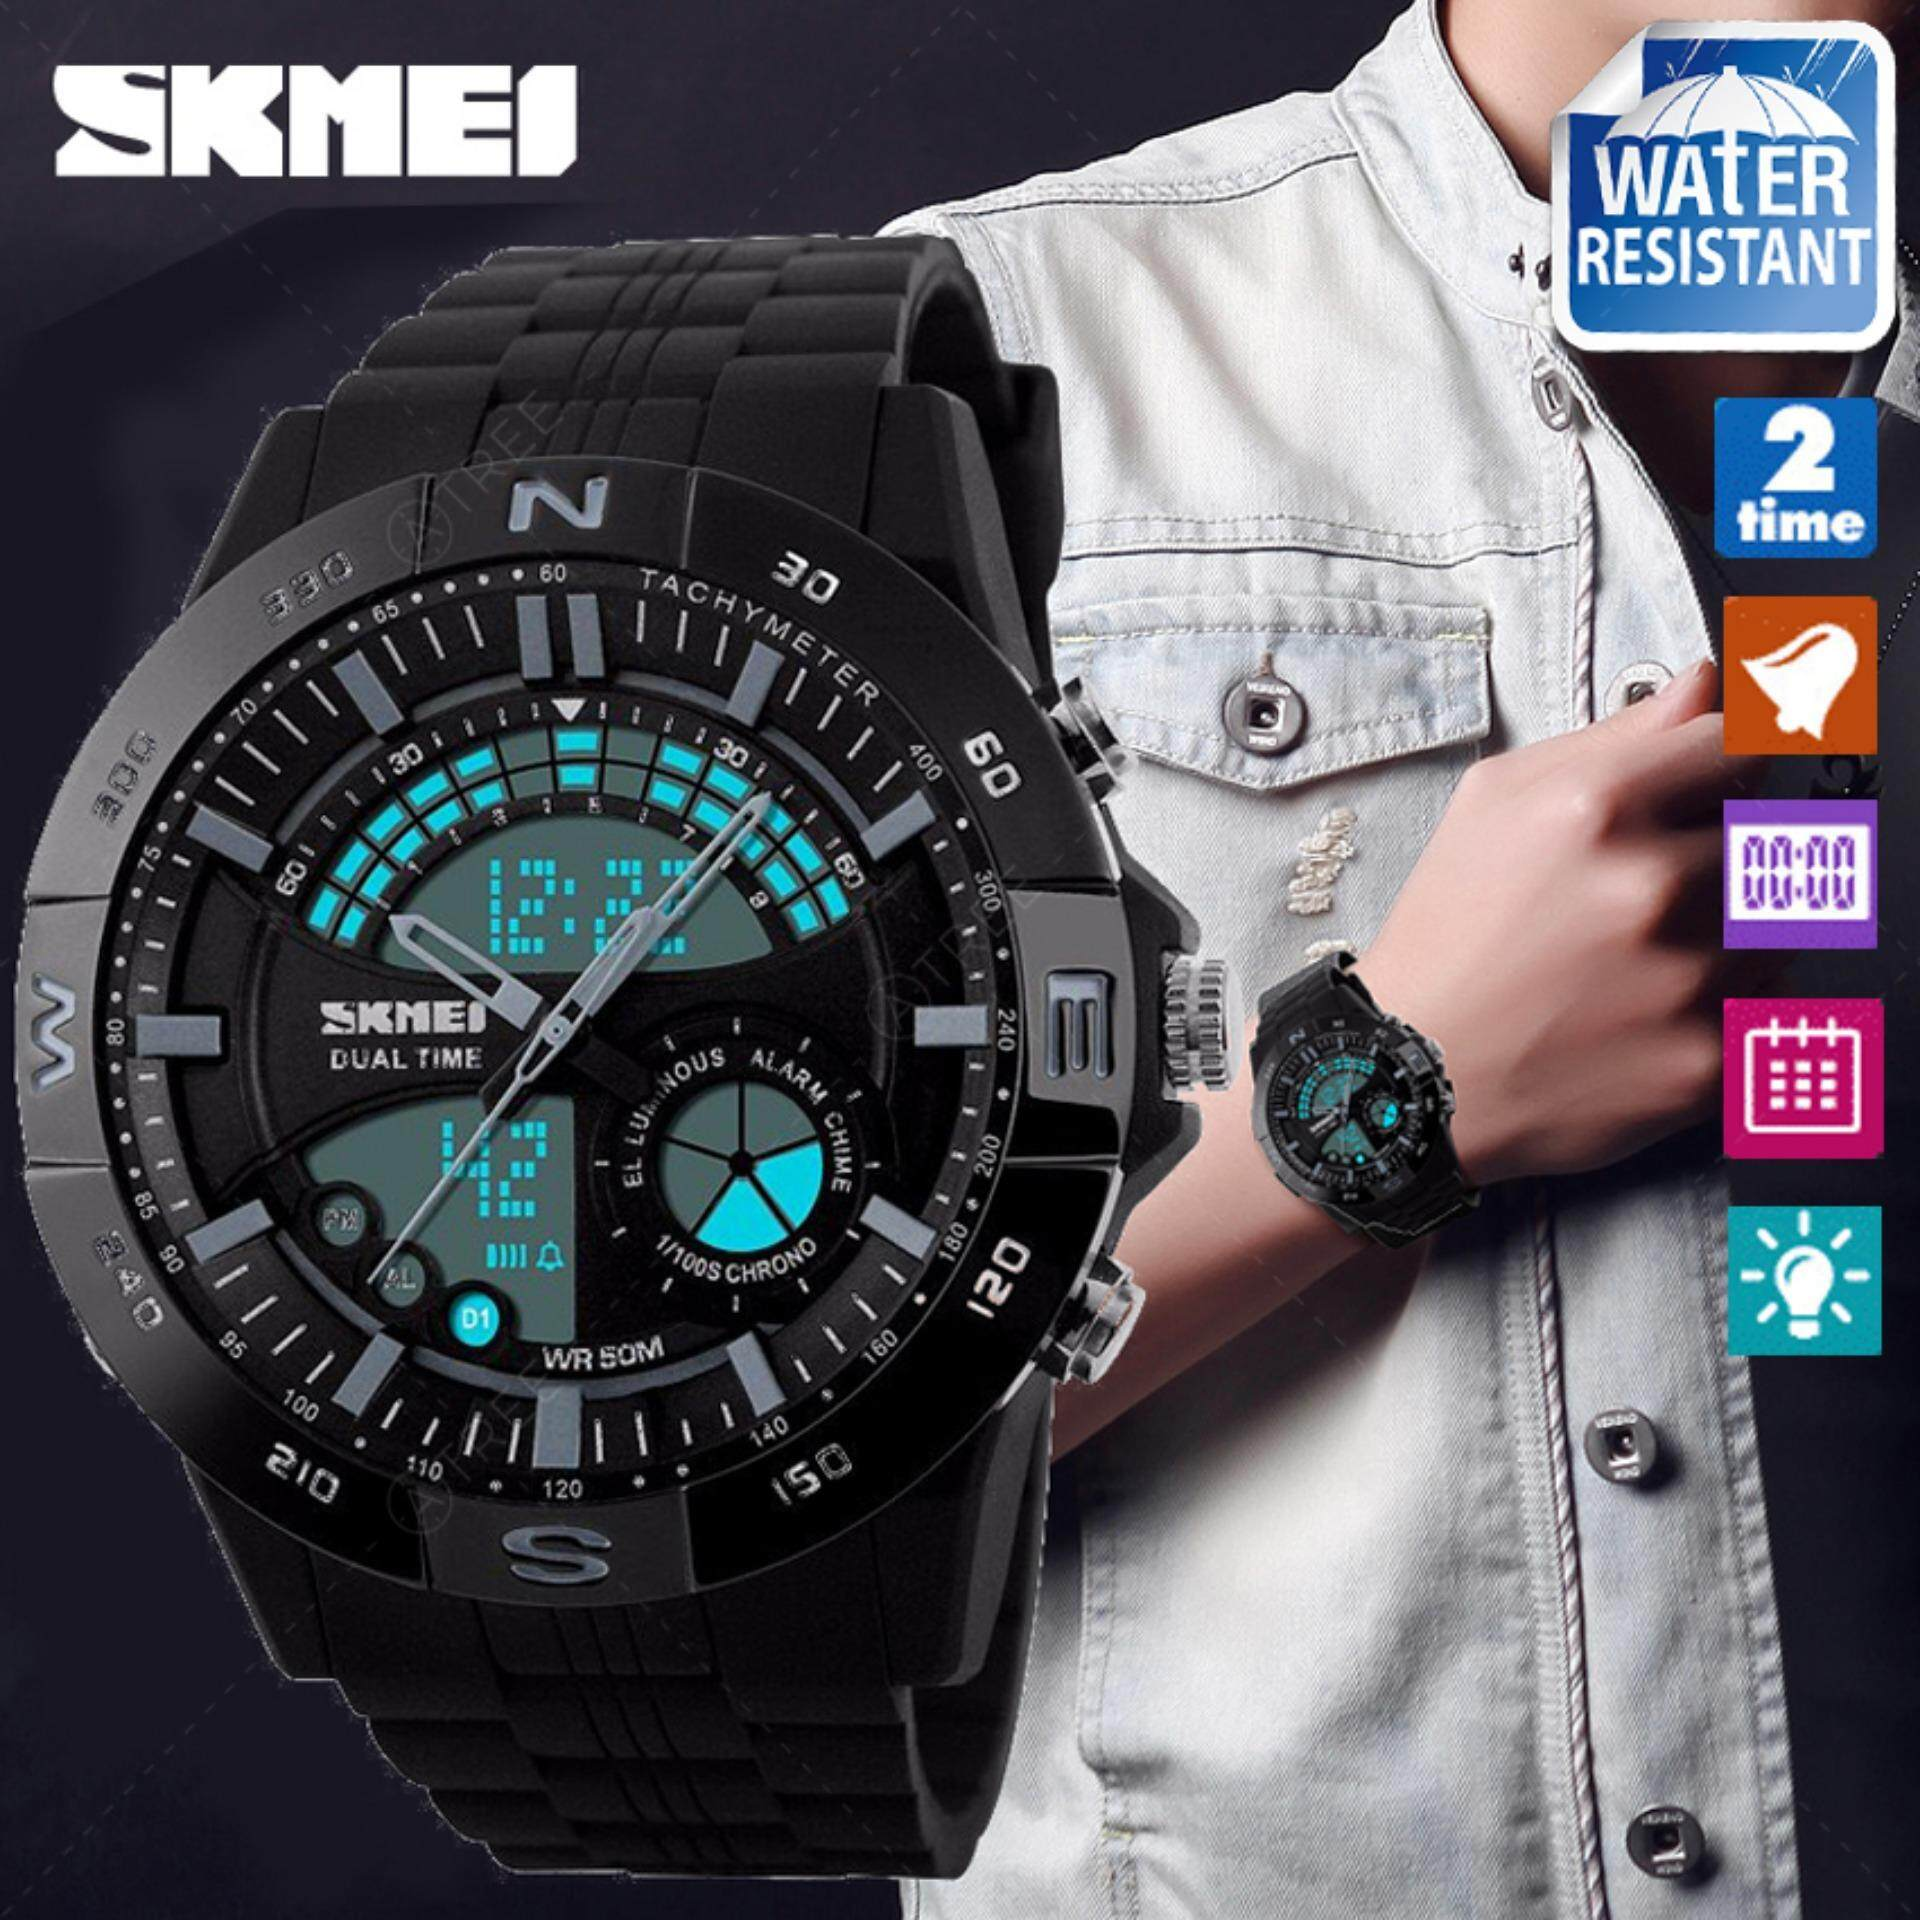 ซื้อ Skmei ของแท้ 100 ส่งในไทยไวแน่นอน นาฬิกาข้อมือผู้ชาย สไตล์ Sport Digital Watch ใช้ได้ทั้ง Digital และ Analog บอกวันที่ ตั้งปลุก จับเวลา กันน้ำ สายเรซิ่นสีดำ รุ่น Sk M1110 สีดำ Black Skmei